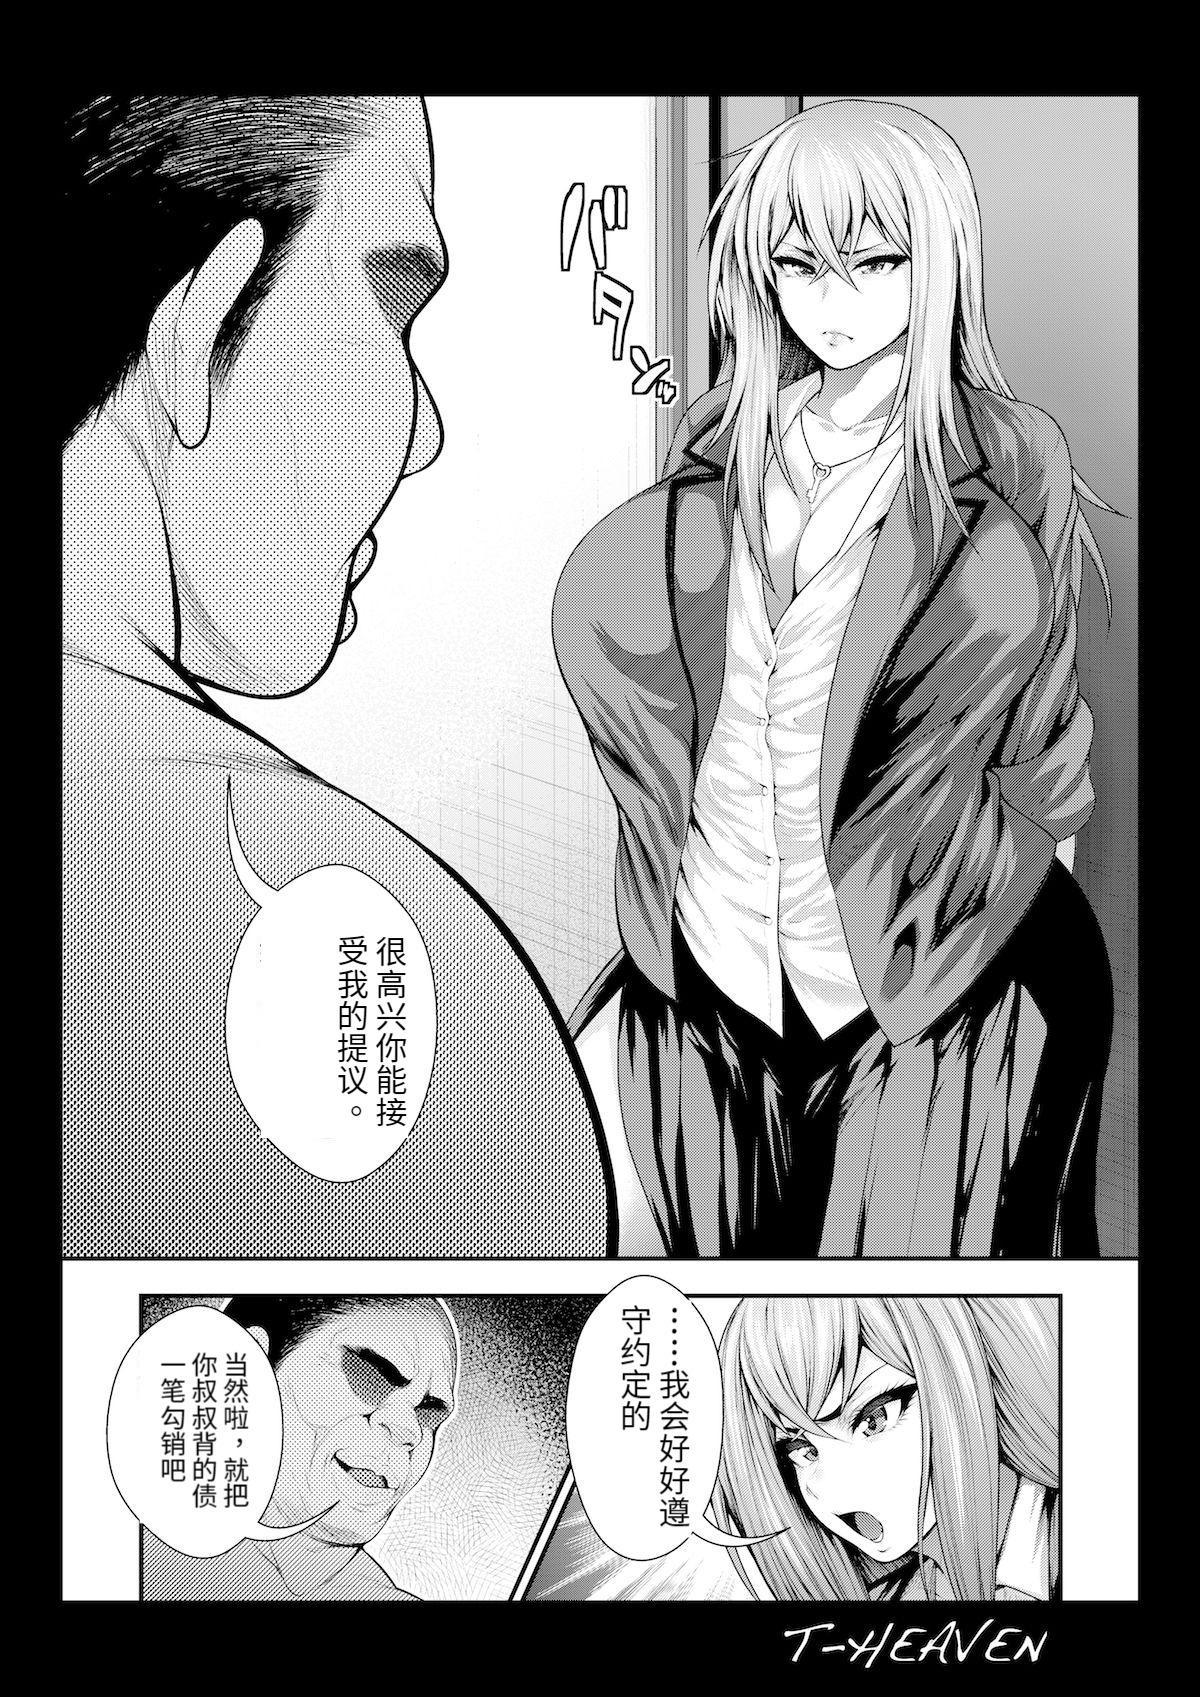 Atashi ga Jibun kara Ochiru made no Chijoku no Tokakan | 耻辱的十天 5